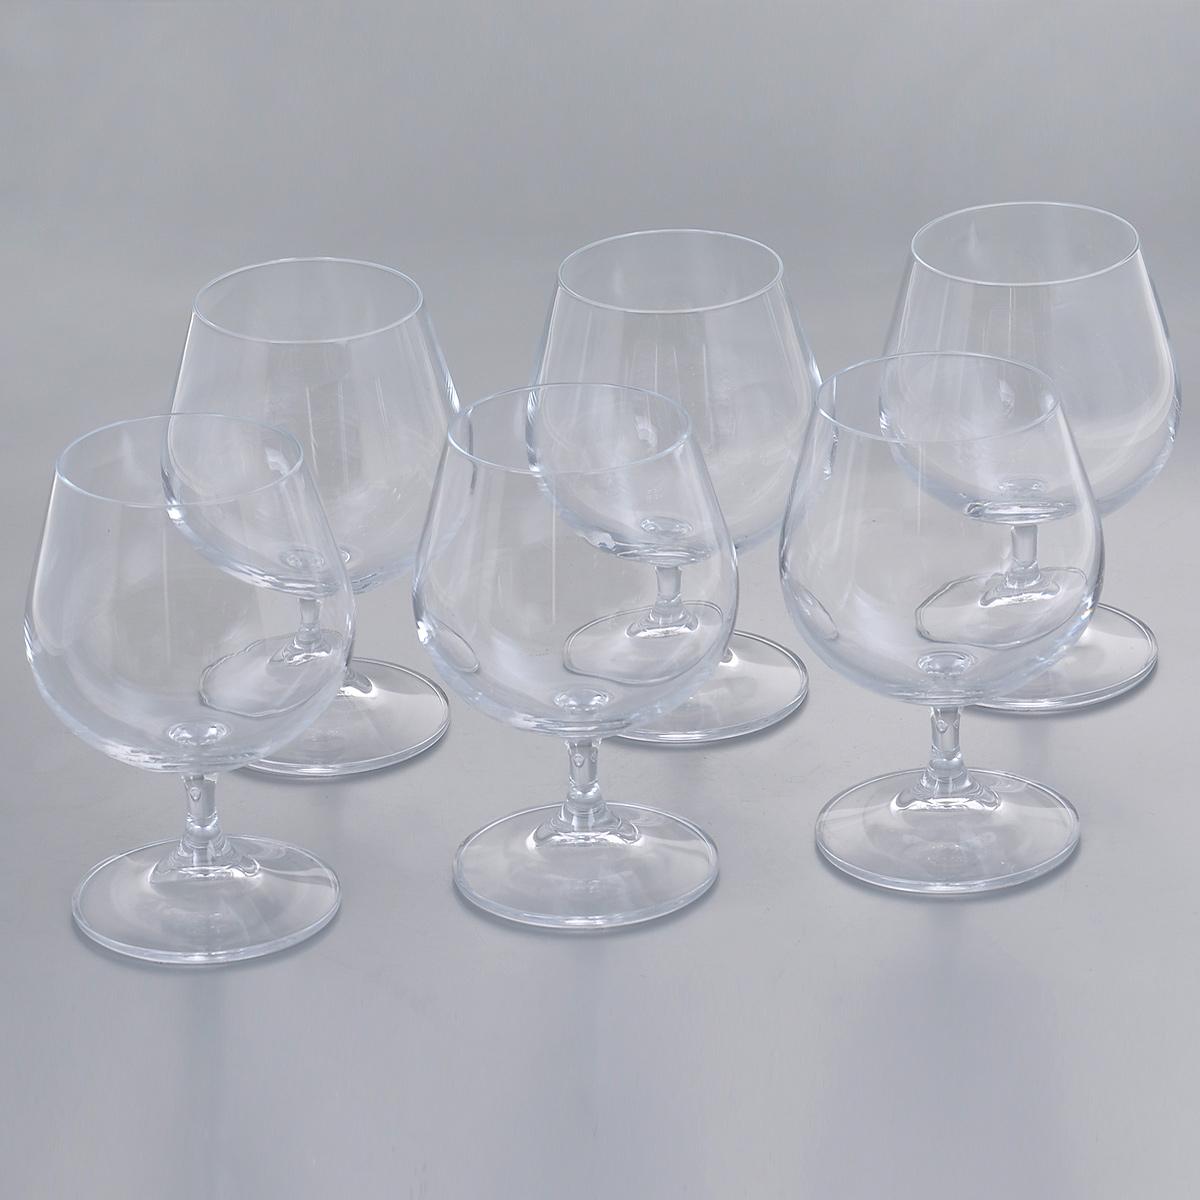 Набор бокалов для бренди Crystalite Bohemia Клара, 400 мл, 6 шт4S415/400Набор Crystalite Bohemia Клара состоит из шести бокалов, выполненных из прочного высококачественного прозрачного стекла. Изделия оснащены невысокими тонкими ножками. Бокалы предназначены для подачи бренди. Они излучают приятный блеск и издают мелодичный звон. Бокалы сочетают в себе элегантный дизайн и функциональность. Благодаря такому набору пить напитки будет еще вкуснее.Набор бокалов Crystalite Bohemia Клара прекрасно оформит праздничный стол и создаст приятную атмосферу за романтическим ужином. Такой набор также станет хорошим подарком к любому случаю. Не использовать в посудомоечной машине и микроволновой печи.